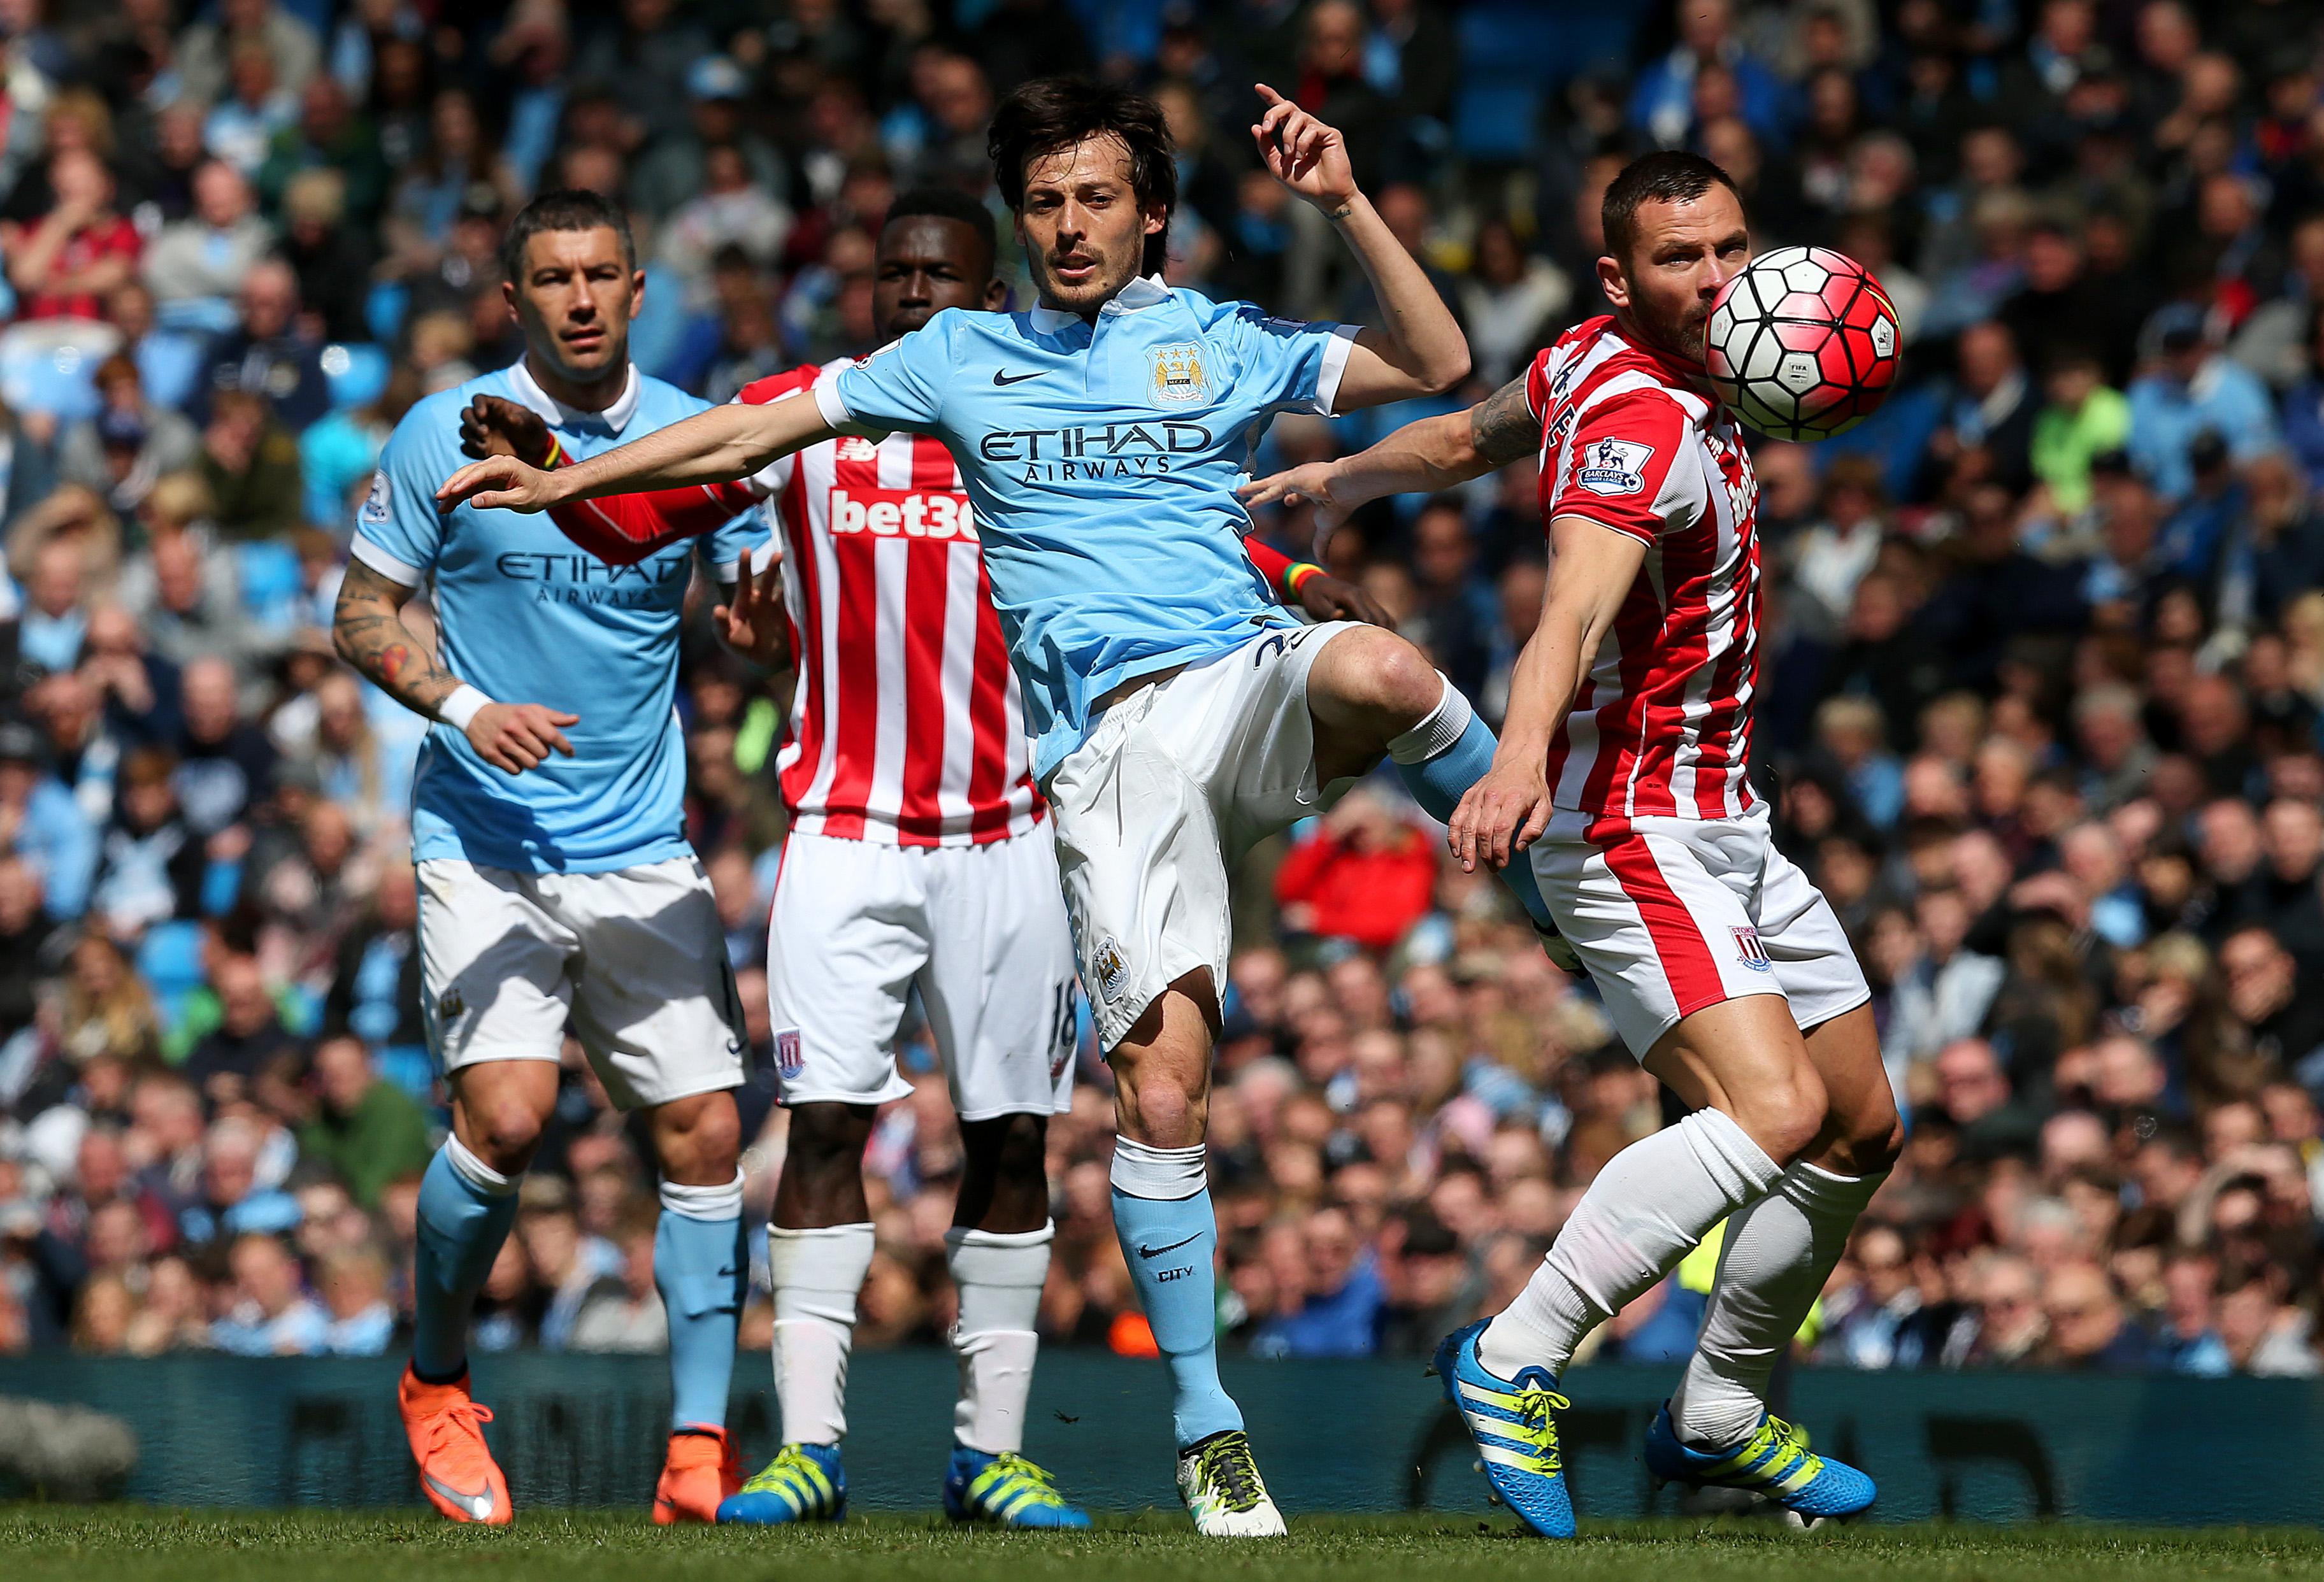 Video: Manchester City vs Stoke City